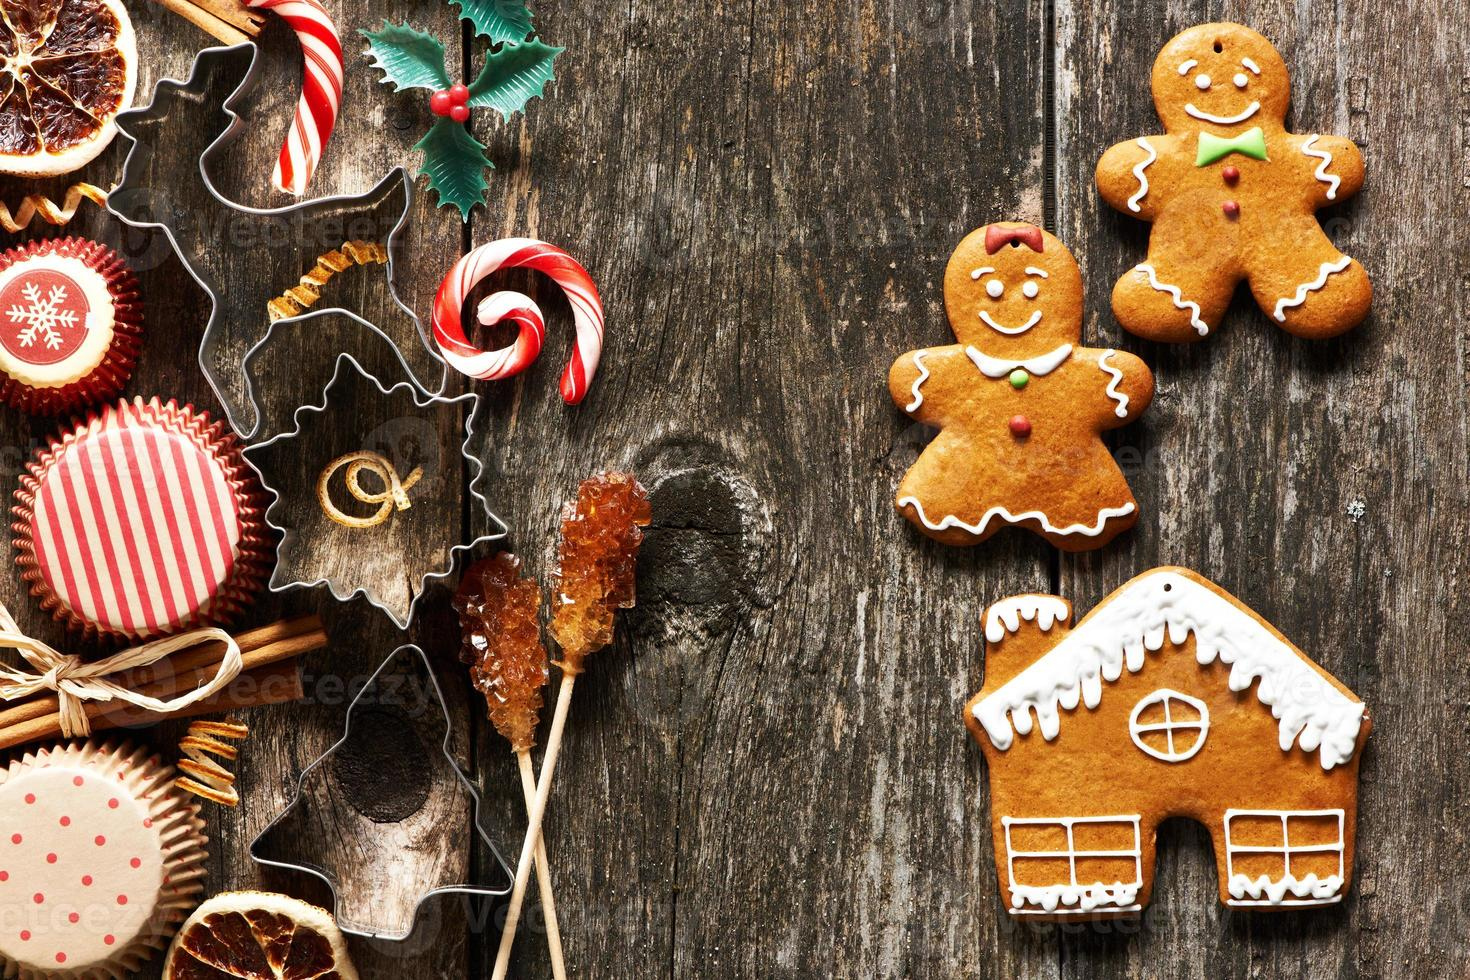 biscotti di panpepato fatti in casa di Natale foto